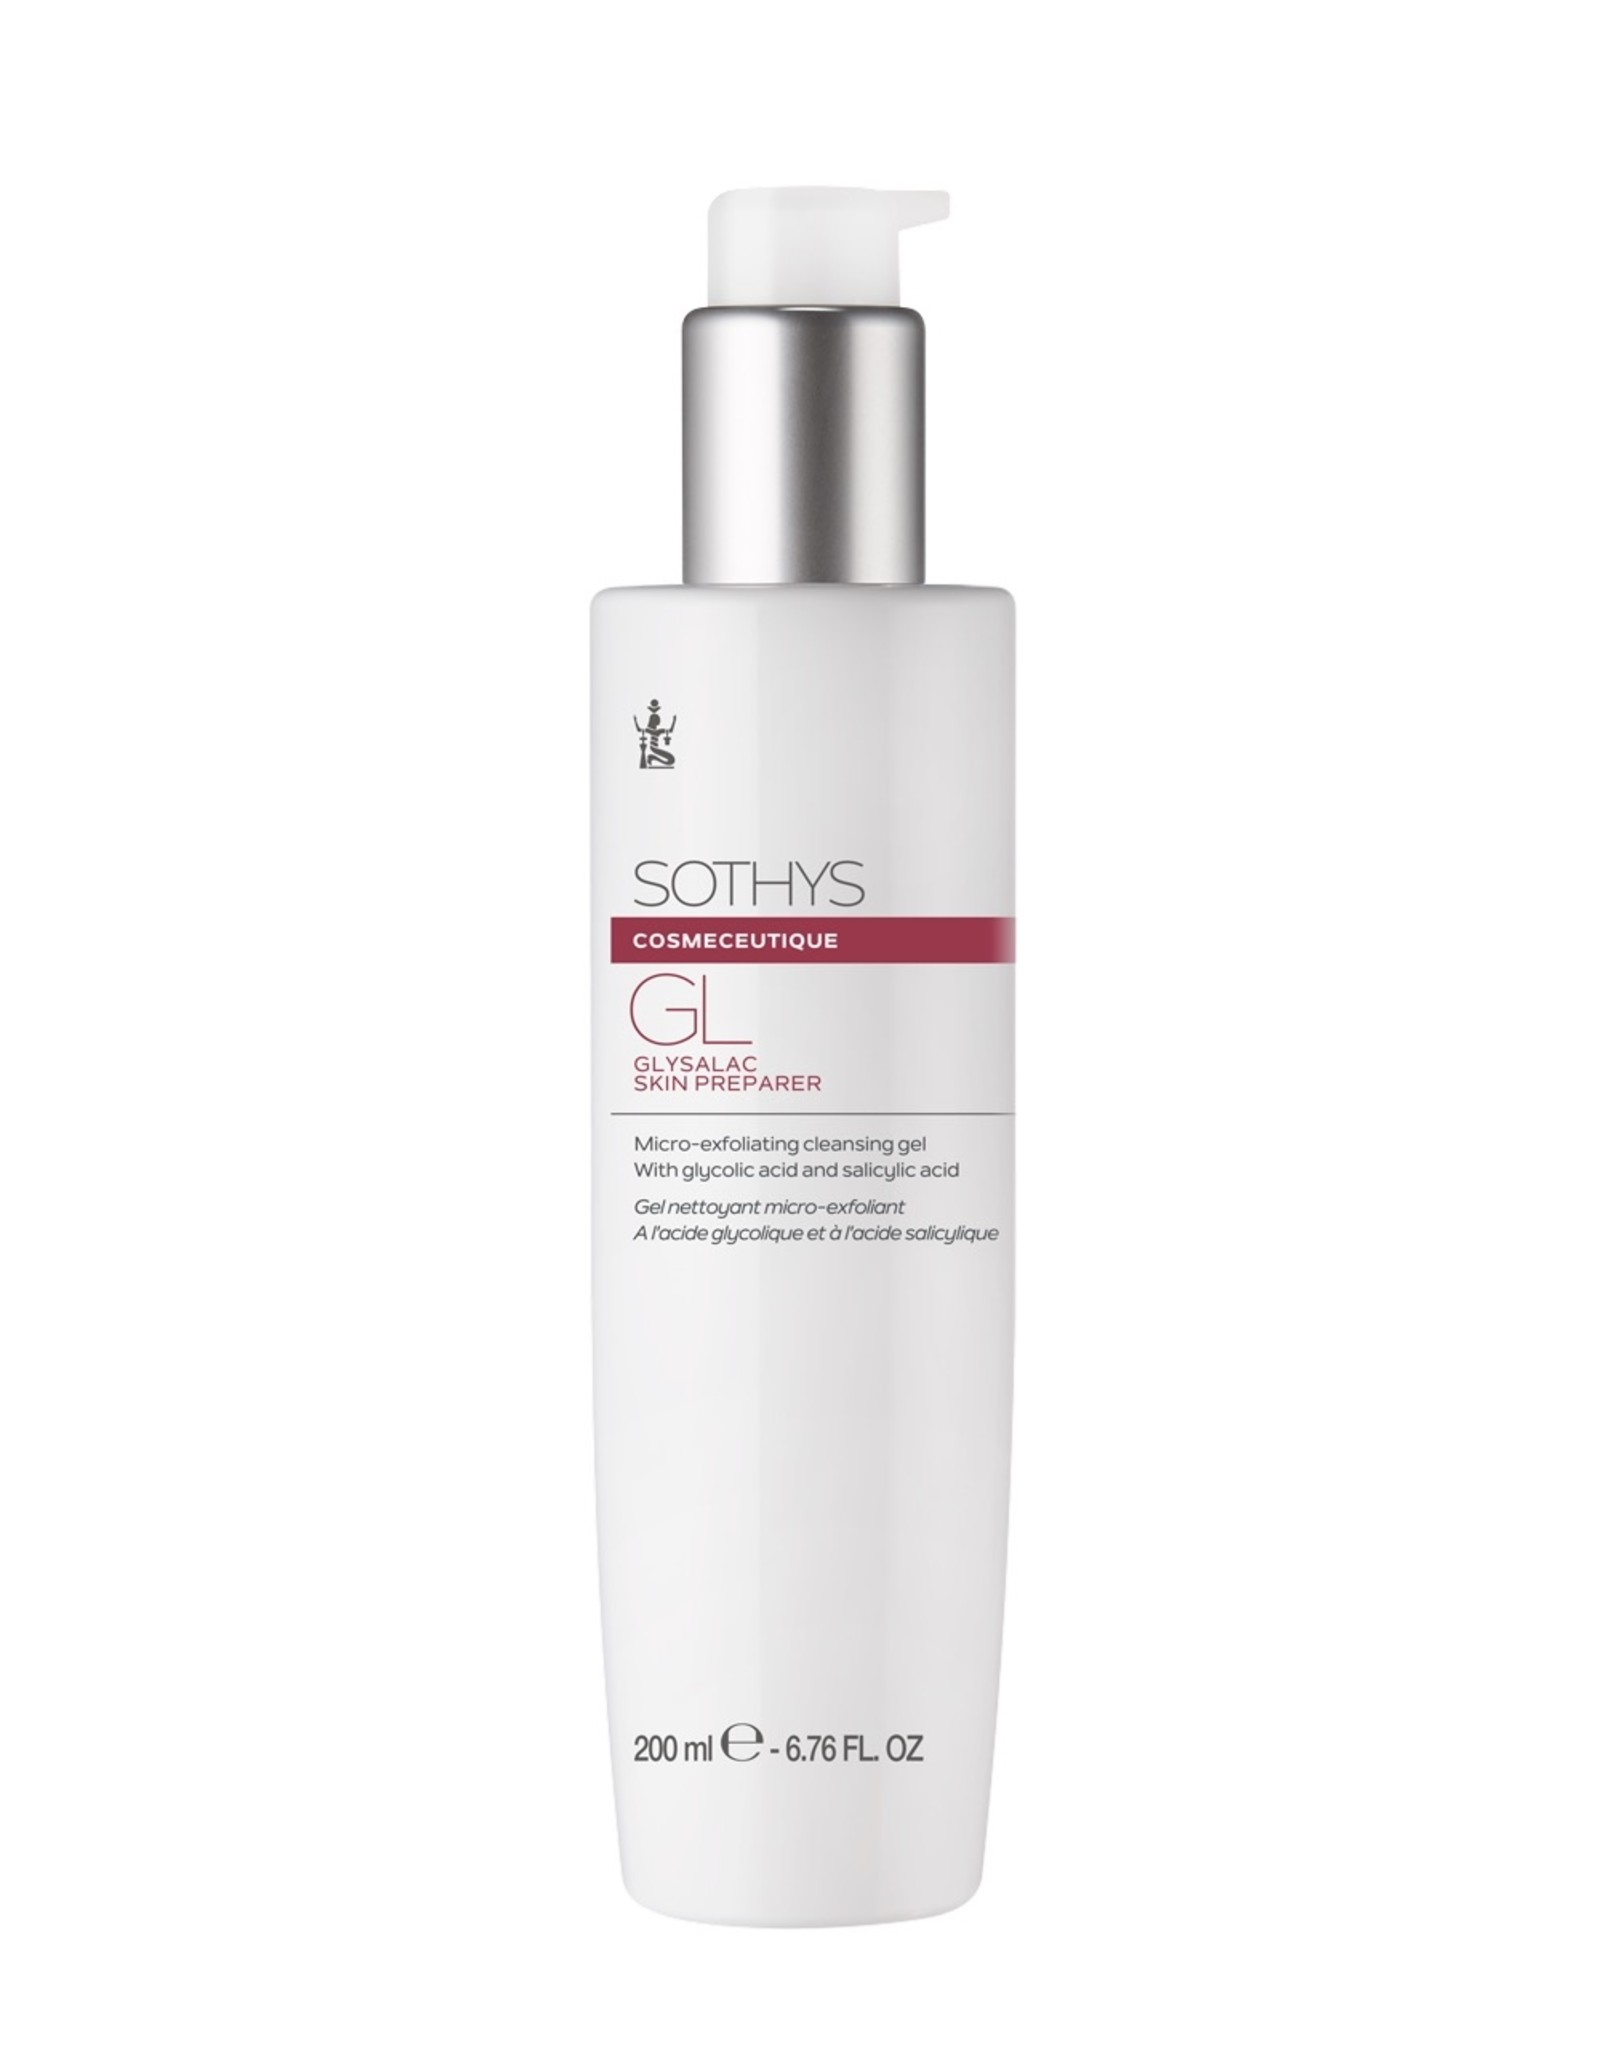 SOTHYS Glysalac Skin Preparer - Sothys